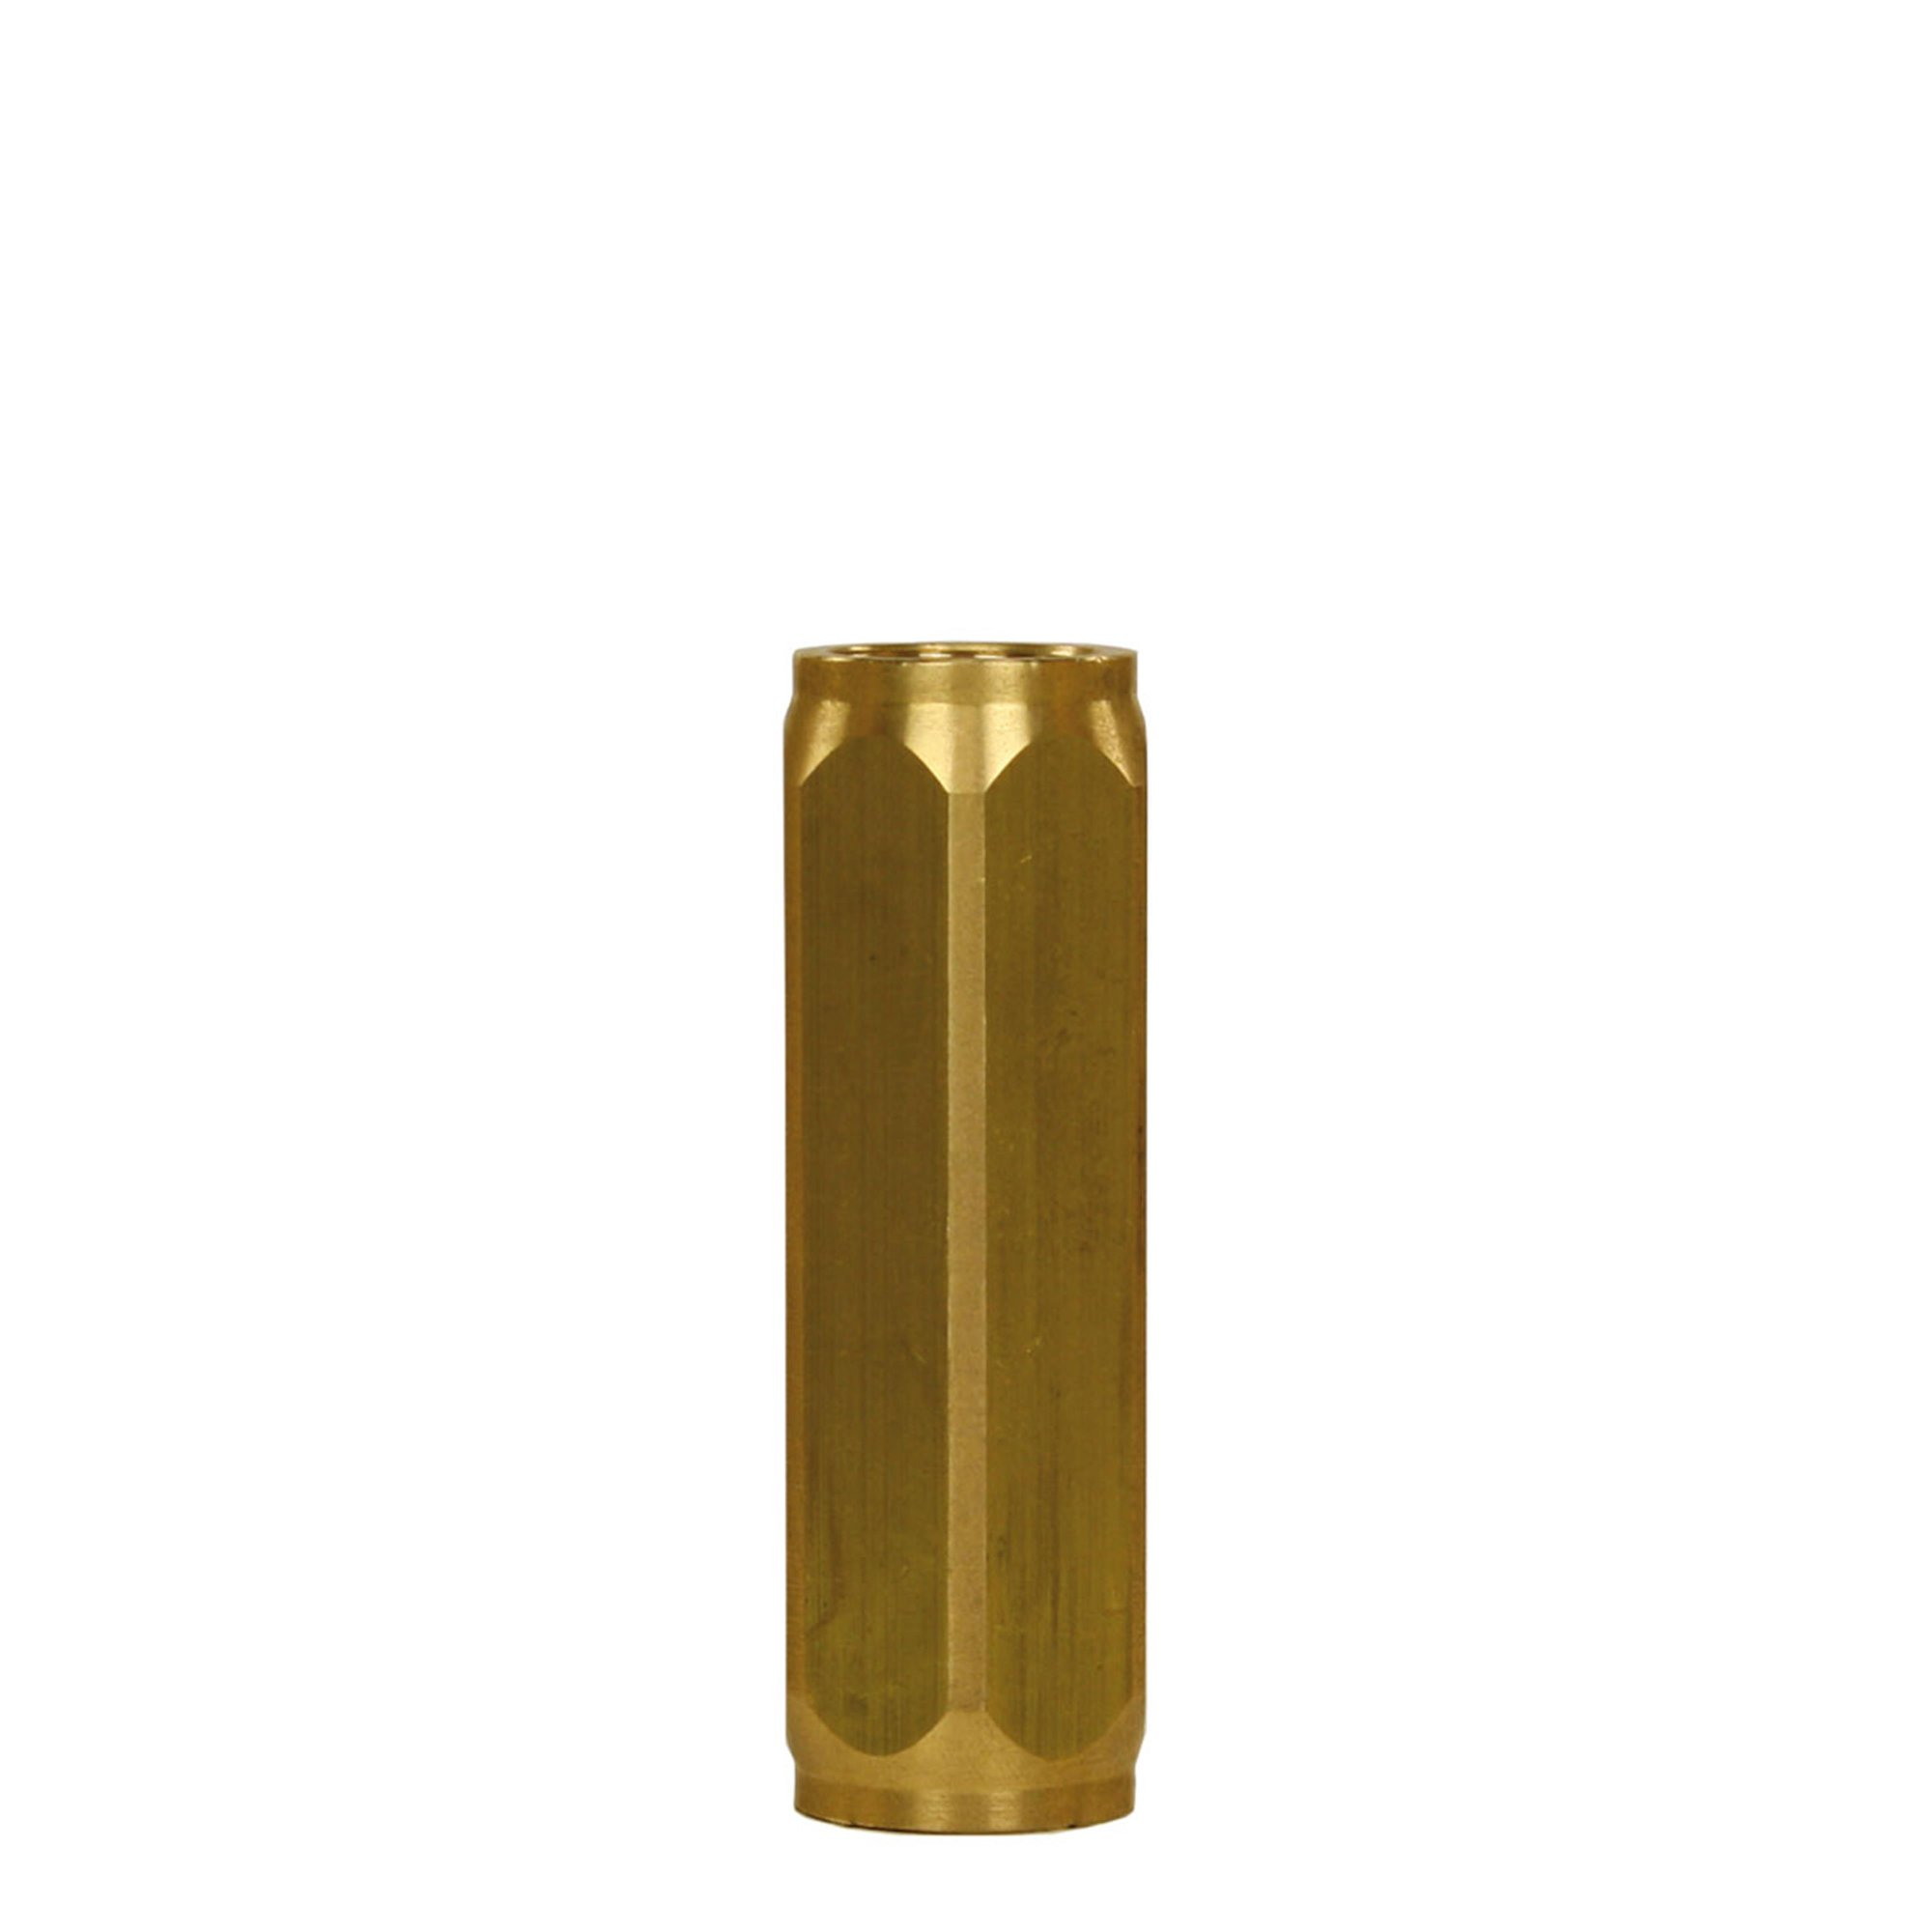 Suttner Rückschlagventil ST 264, max. 150 bar, max. 90°C, Messing Rückschlagventil 1/4 IG ST-264 Messing